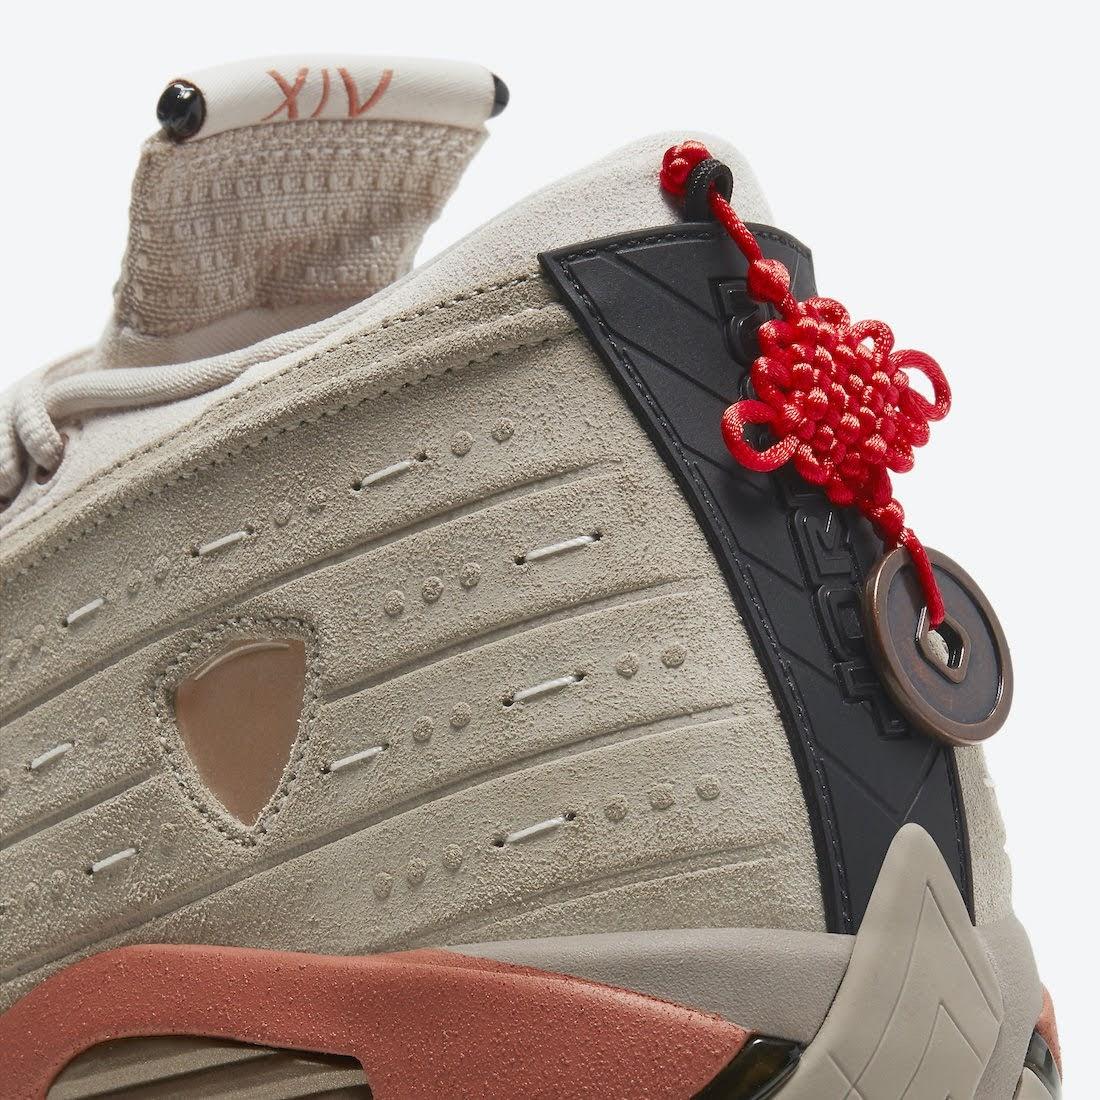 """クロット × ナイキ エア ジョーダン 14 ロー """"テラコッタ"""" clot-x-nike-air-jordan-14-low-terracotta-dc9857-200-side-heel-closeup-2"""